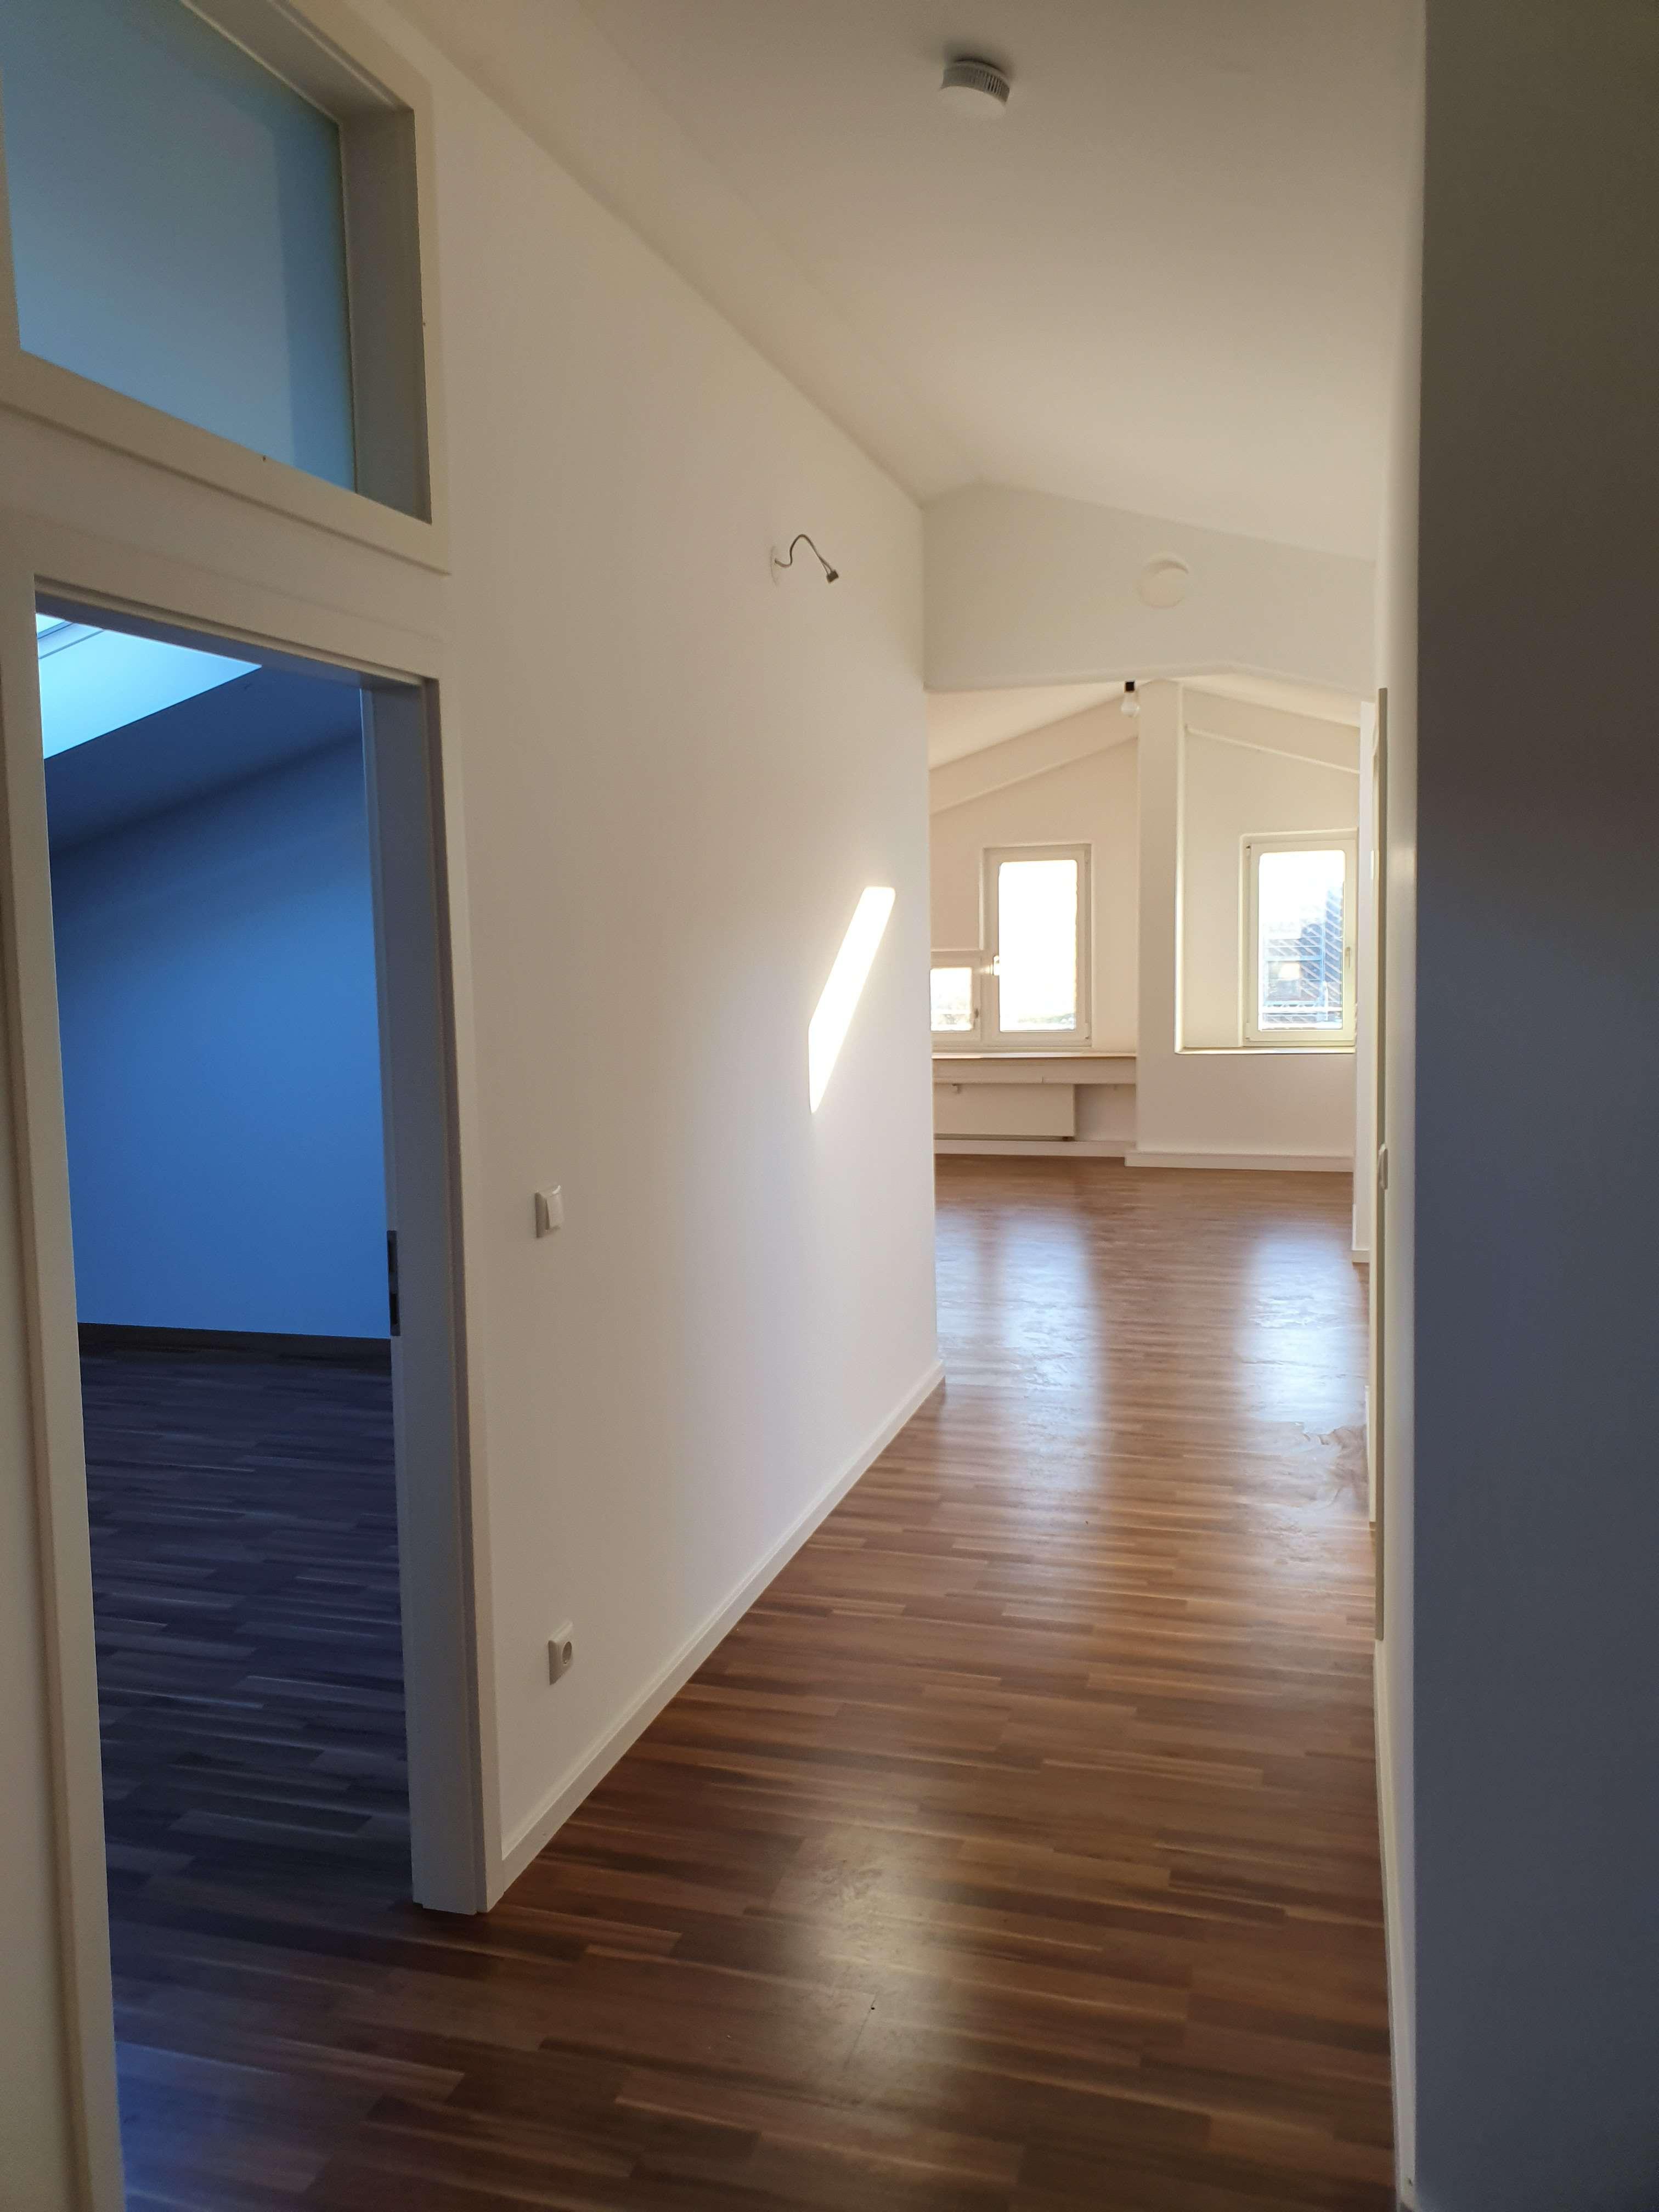 Charmante 3-Zimmerwohnung mit intelligenter Raumaufteilung - Erstbezug nach Sanierung in